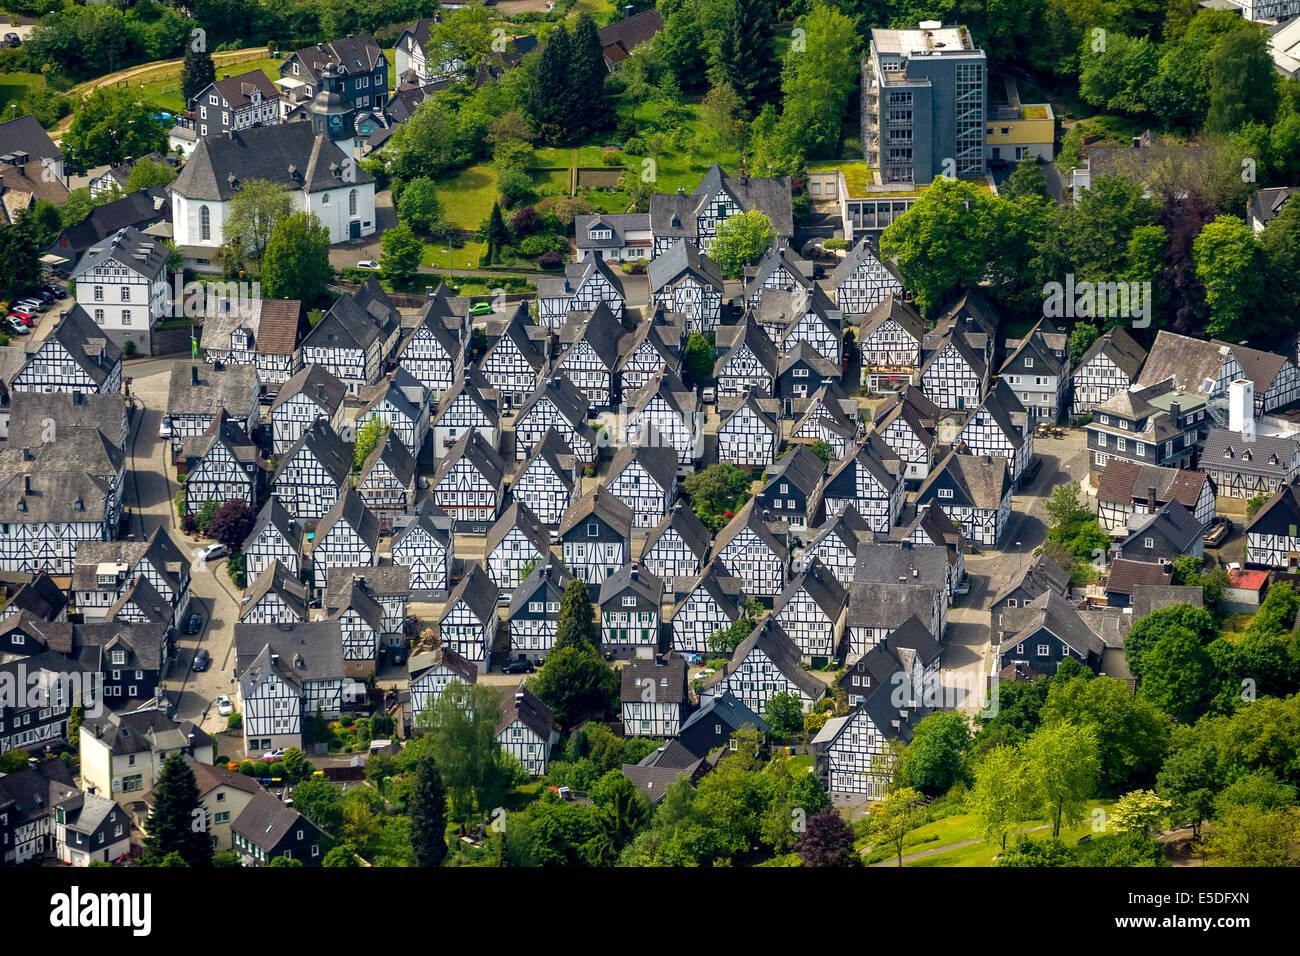 Antenne Zu Sehen Fachwerkhäuser Alter Flecken Altstadt